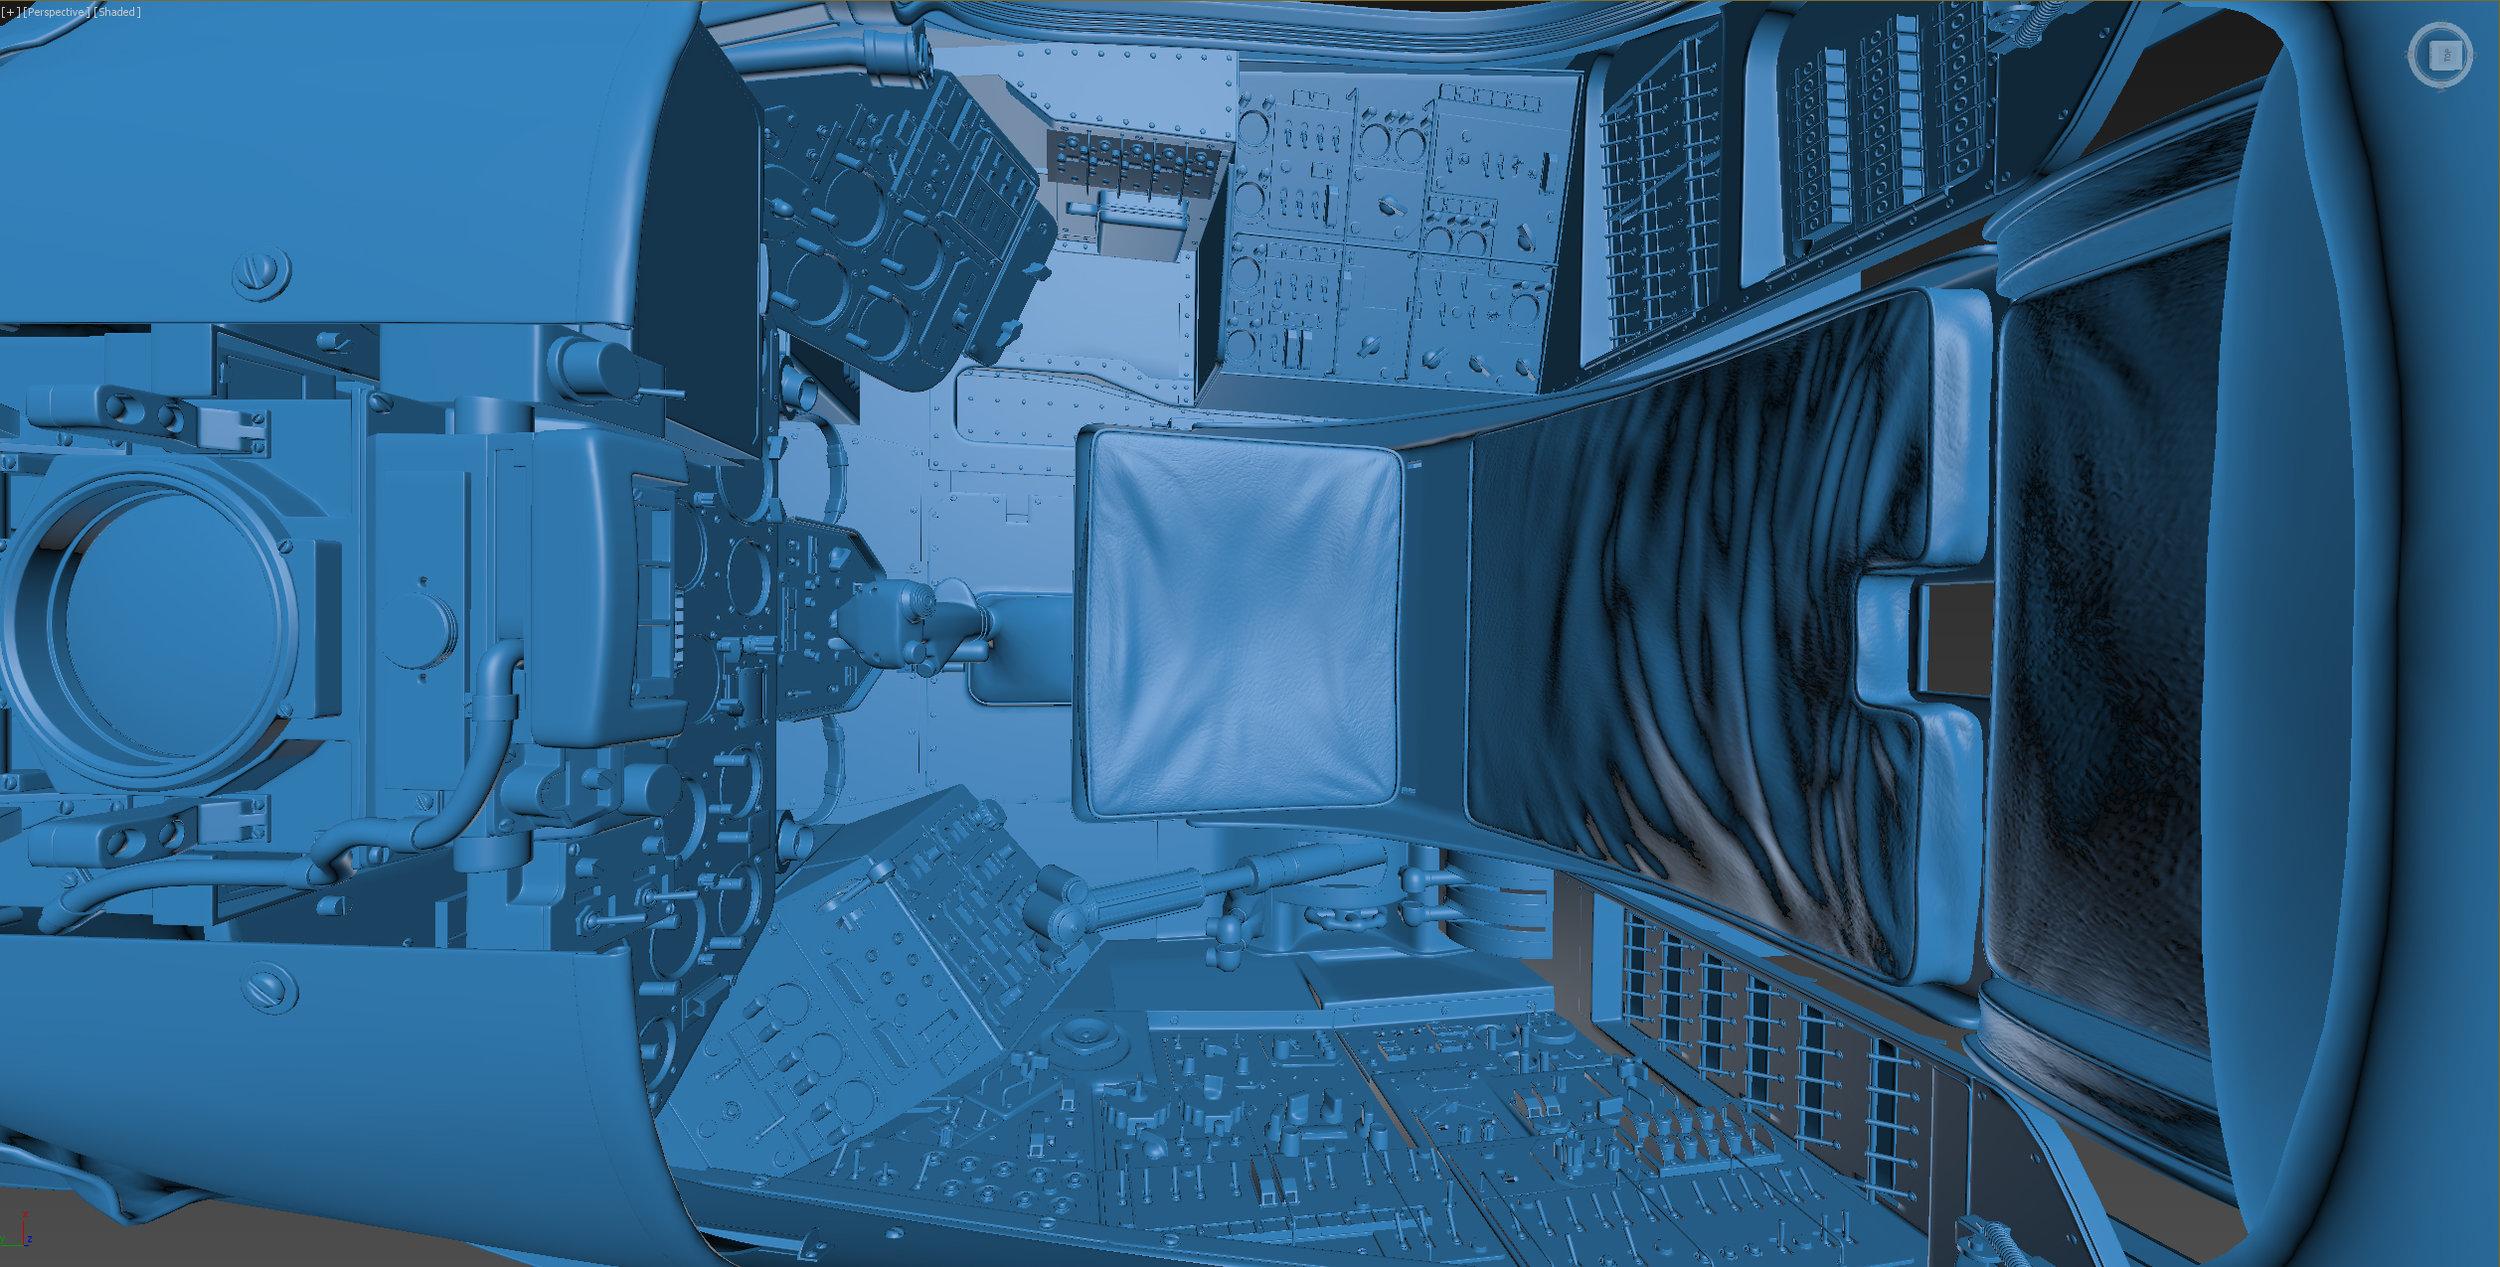 VEH_MI-24_mdl_CockpitAssembly-view01a_v0048.jpg